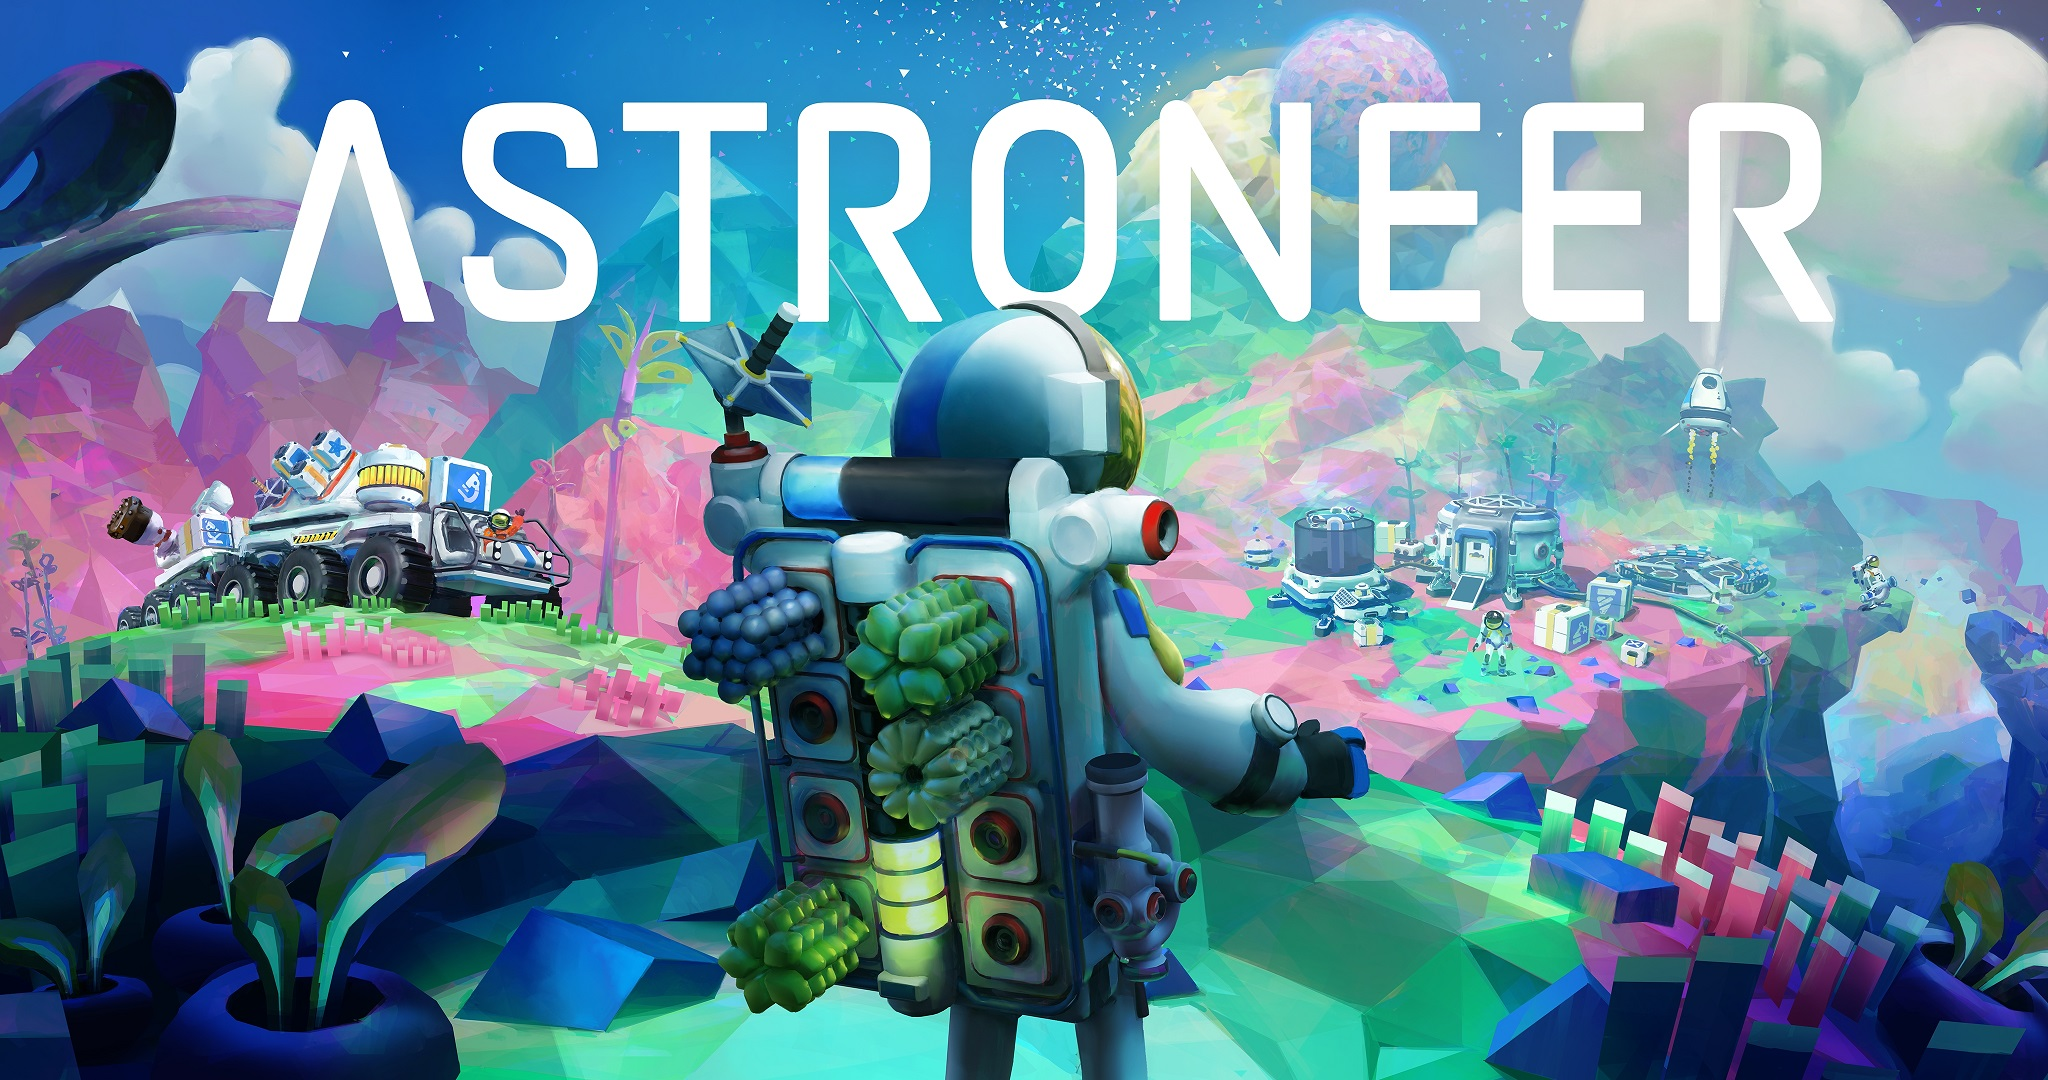 Astroneer Hits Versão Completa em 6 de fevereiro de 2019